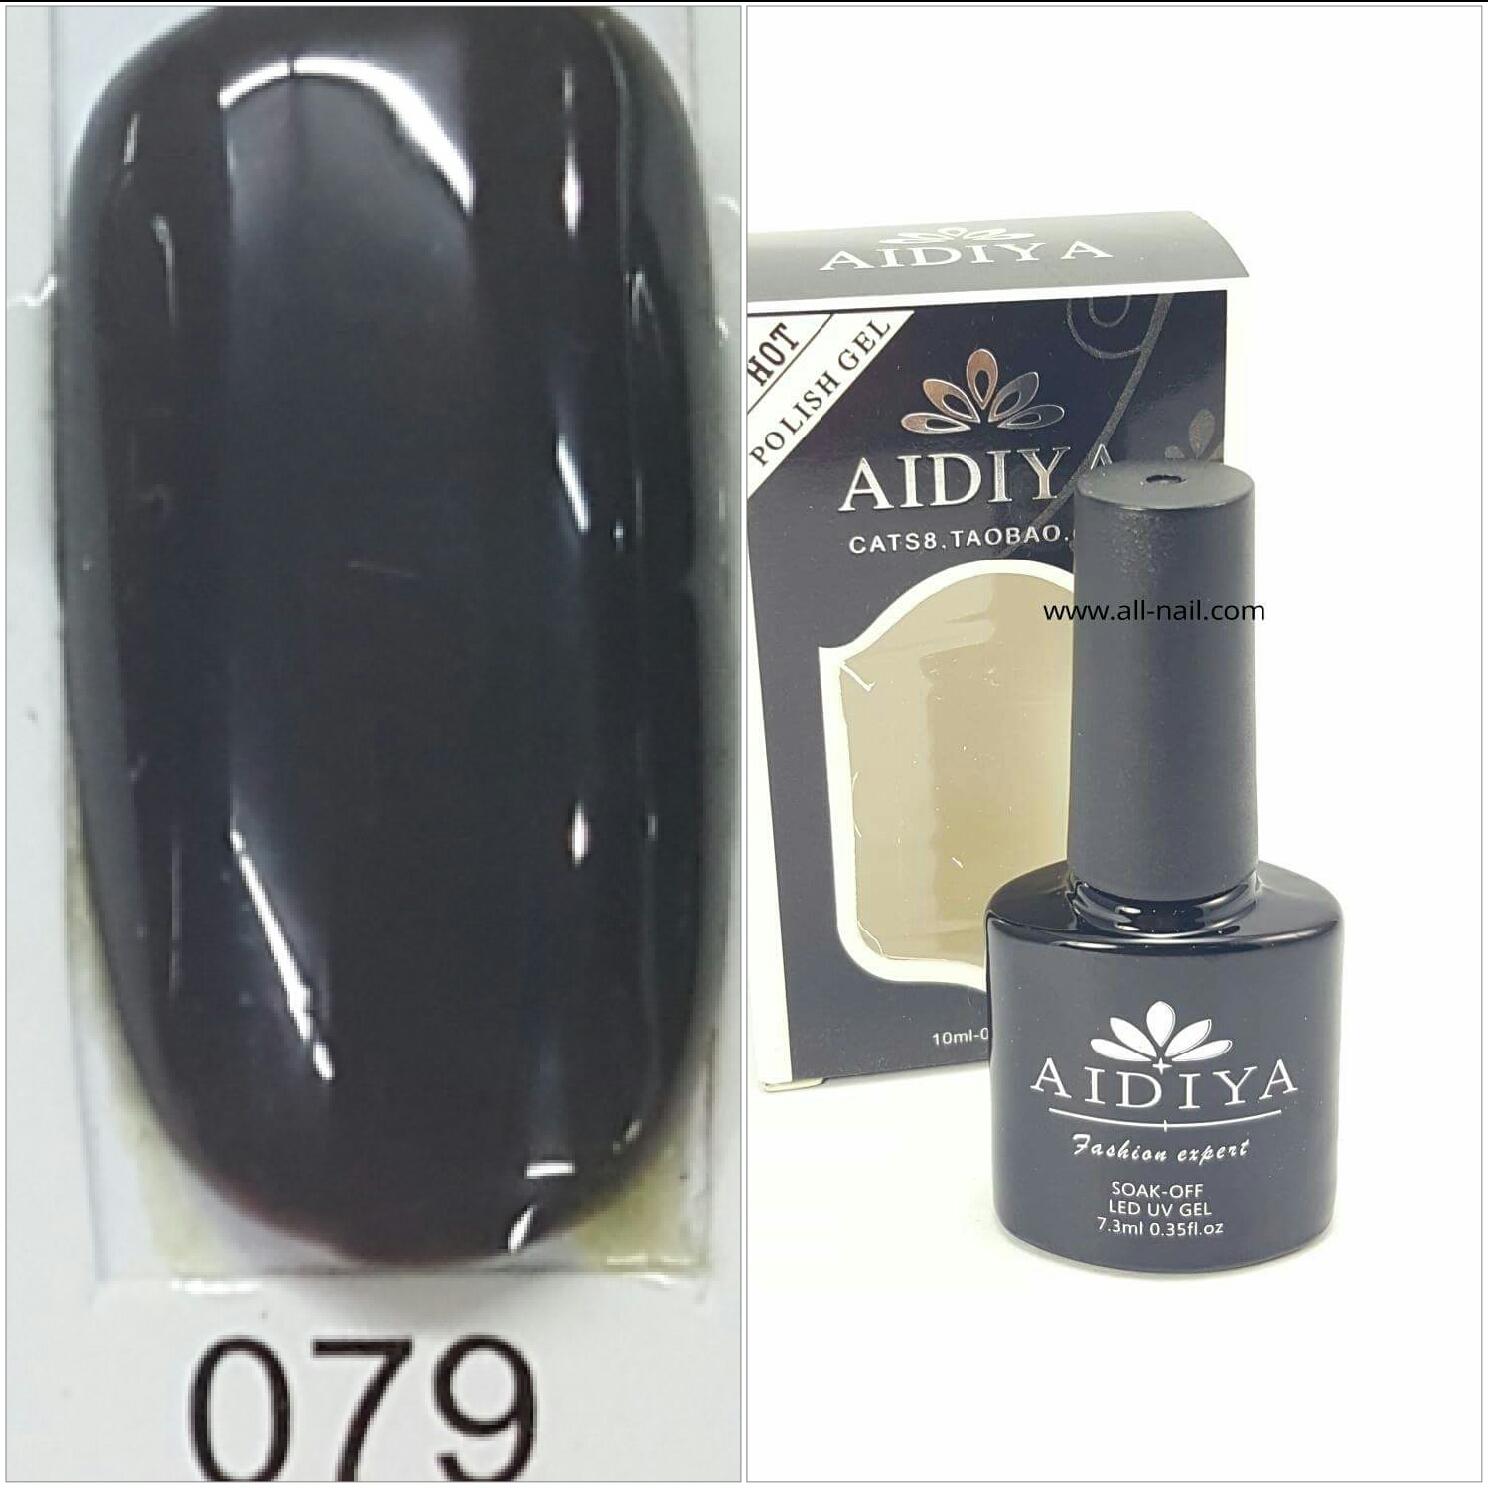 สีเจลทาเล็บ AIDIYA #079